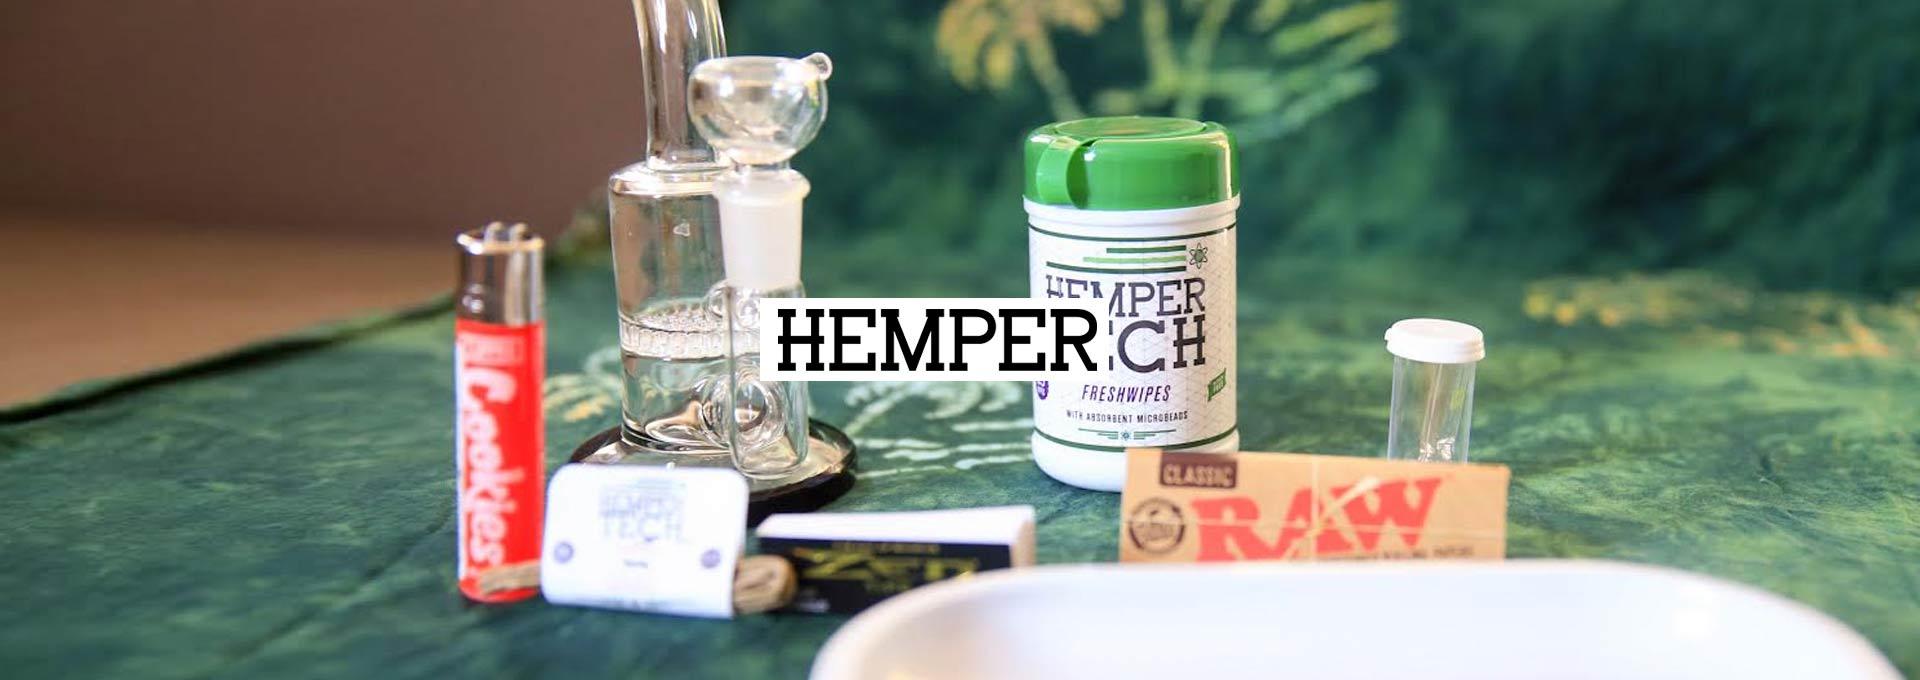 Hemper Box Review A premium smoke box